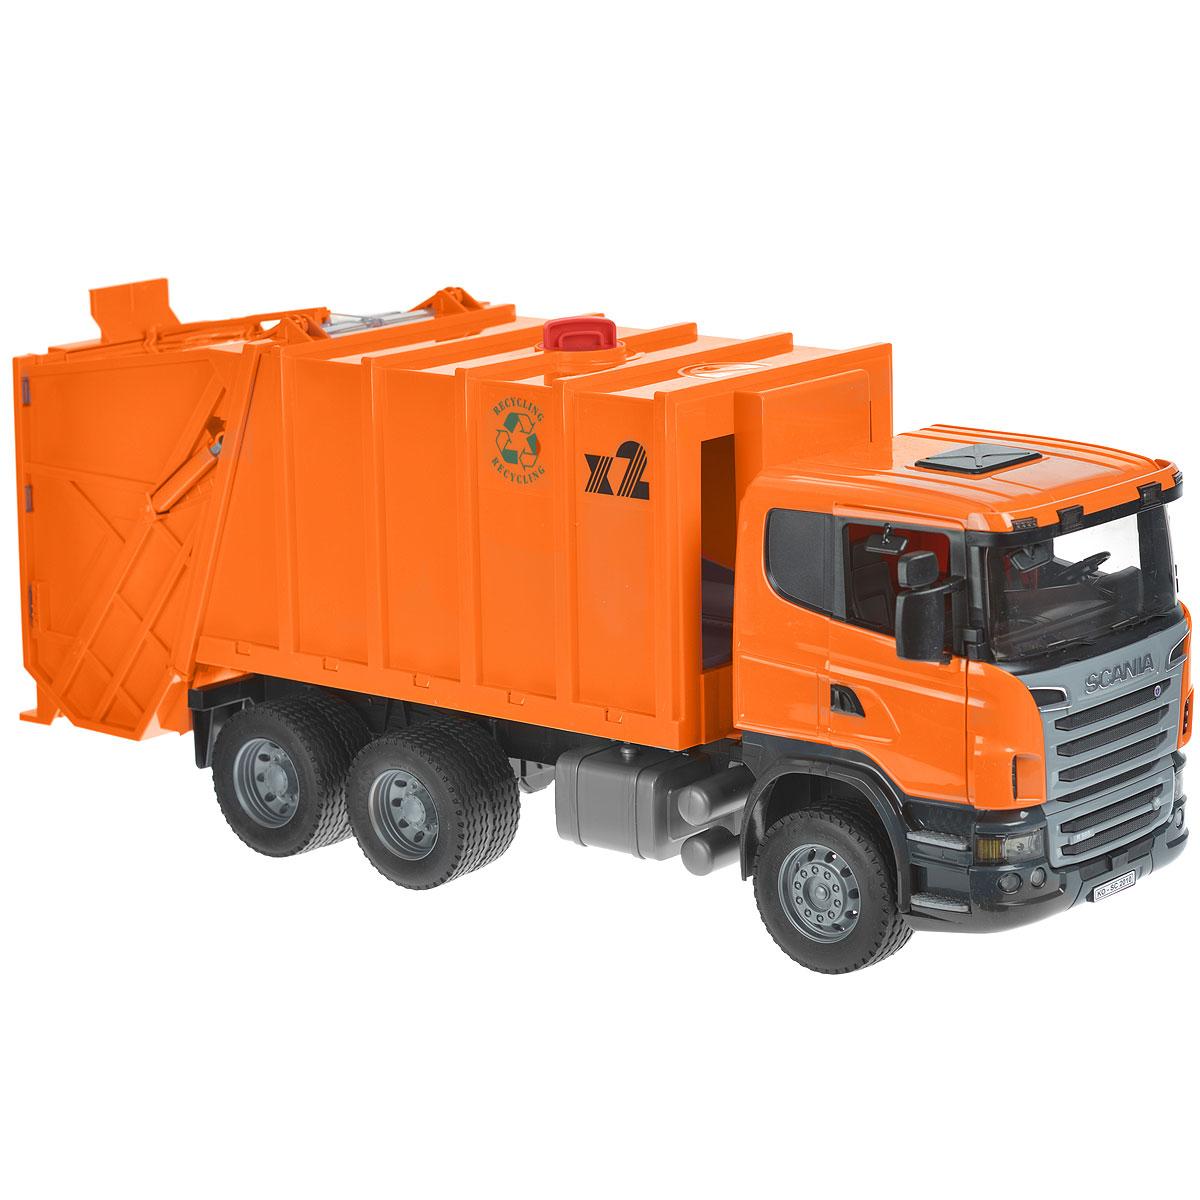 """Мусоровоз Bruder """"Scania"""", выполненный из прочного безопасного пластика оранжевого цвета, отлично подойдет ребенку для различных игр. Машина является уменьшенной копией мусоровоза фирмы Scania. Нет ничего удивительного в том, что это машина является одной из самых ведущих и продаваемых в этой серии грузовиков. С ее помощью можно убирать строительный мусор: перевозить камни, песок, ветки и другие грузы. Большое внимание уделено деталям: кабина водителя откидывается, имеет прозрачное ветровое стекло, изготовленное из небьющегося материала. Зеркала заднего вида можно сложить, а двери кабины открыть. Полный процесс погрузки и загрузки мусоровоза контролируется уникальным механизмом поворота рычага, мусорные баки можно также с легкостью очистить. Благодаря гибкой поддержки консоли та же самая процедура возможна и в самом контейнере для мусора. Процесс очищения очень прост: мусорные баки выталкиваются в опорную консоль, а затем мусор высыпается в основное корыто. Внутри контейнера есть..."""